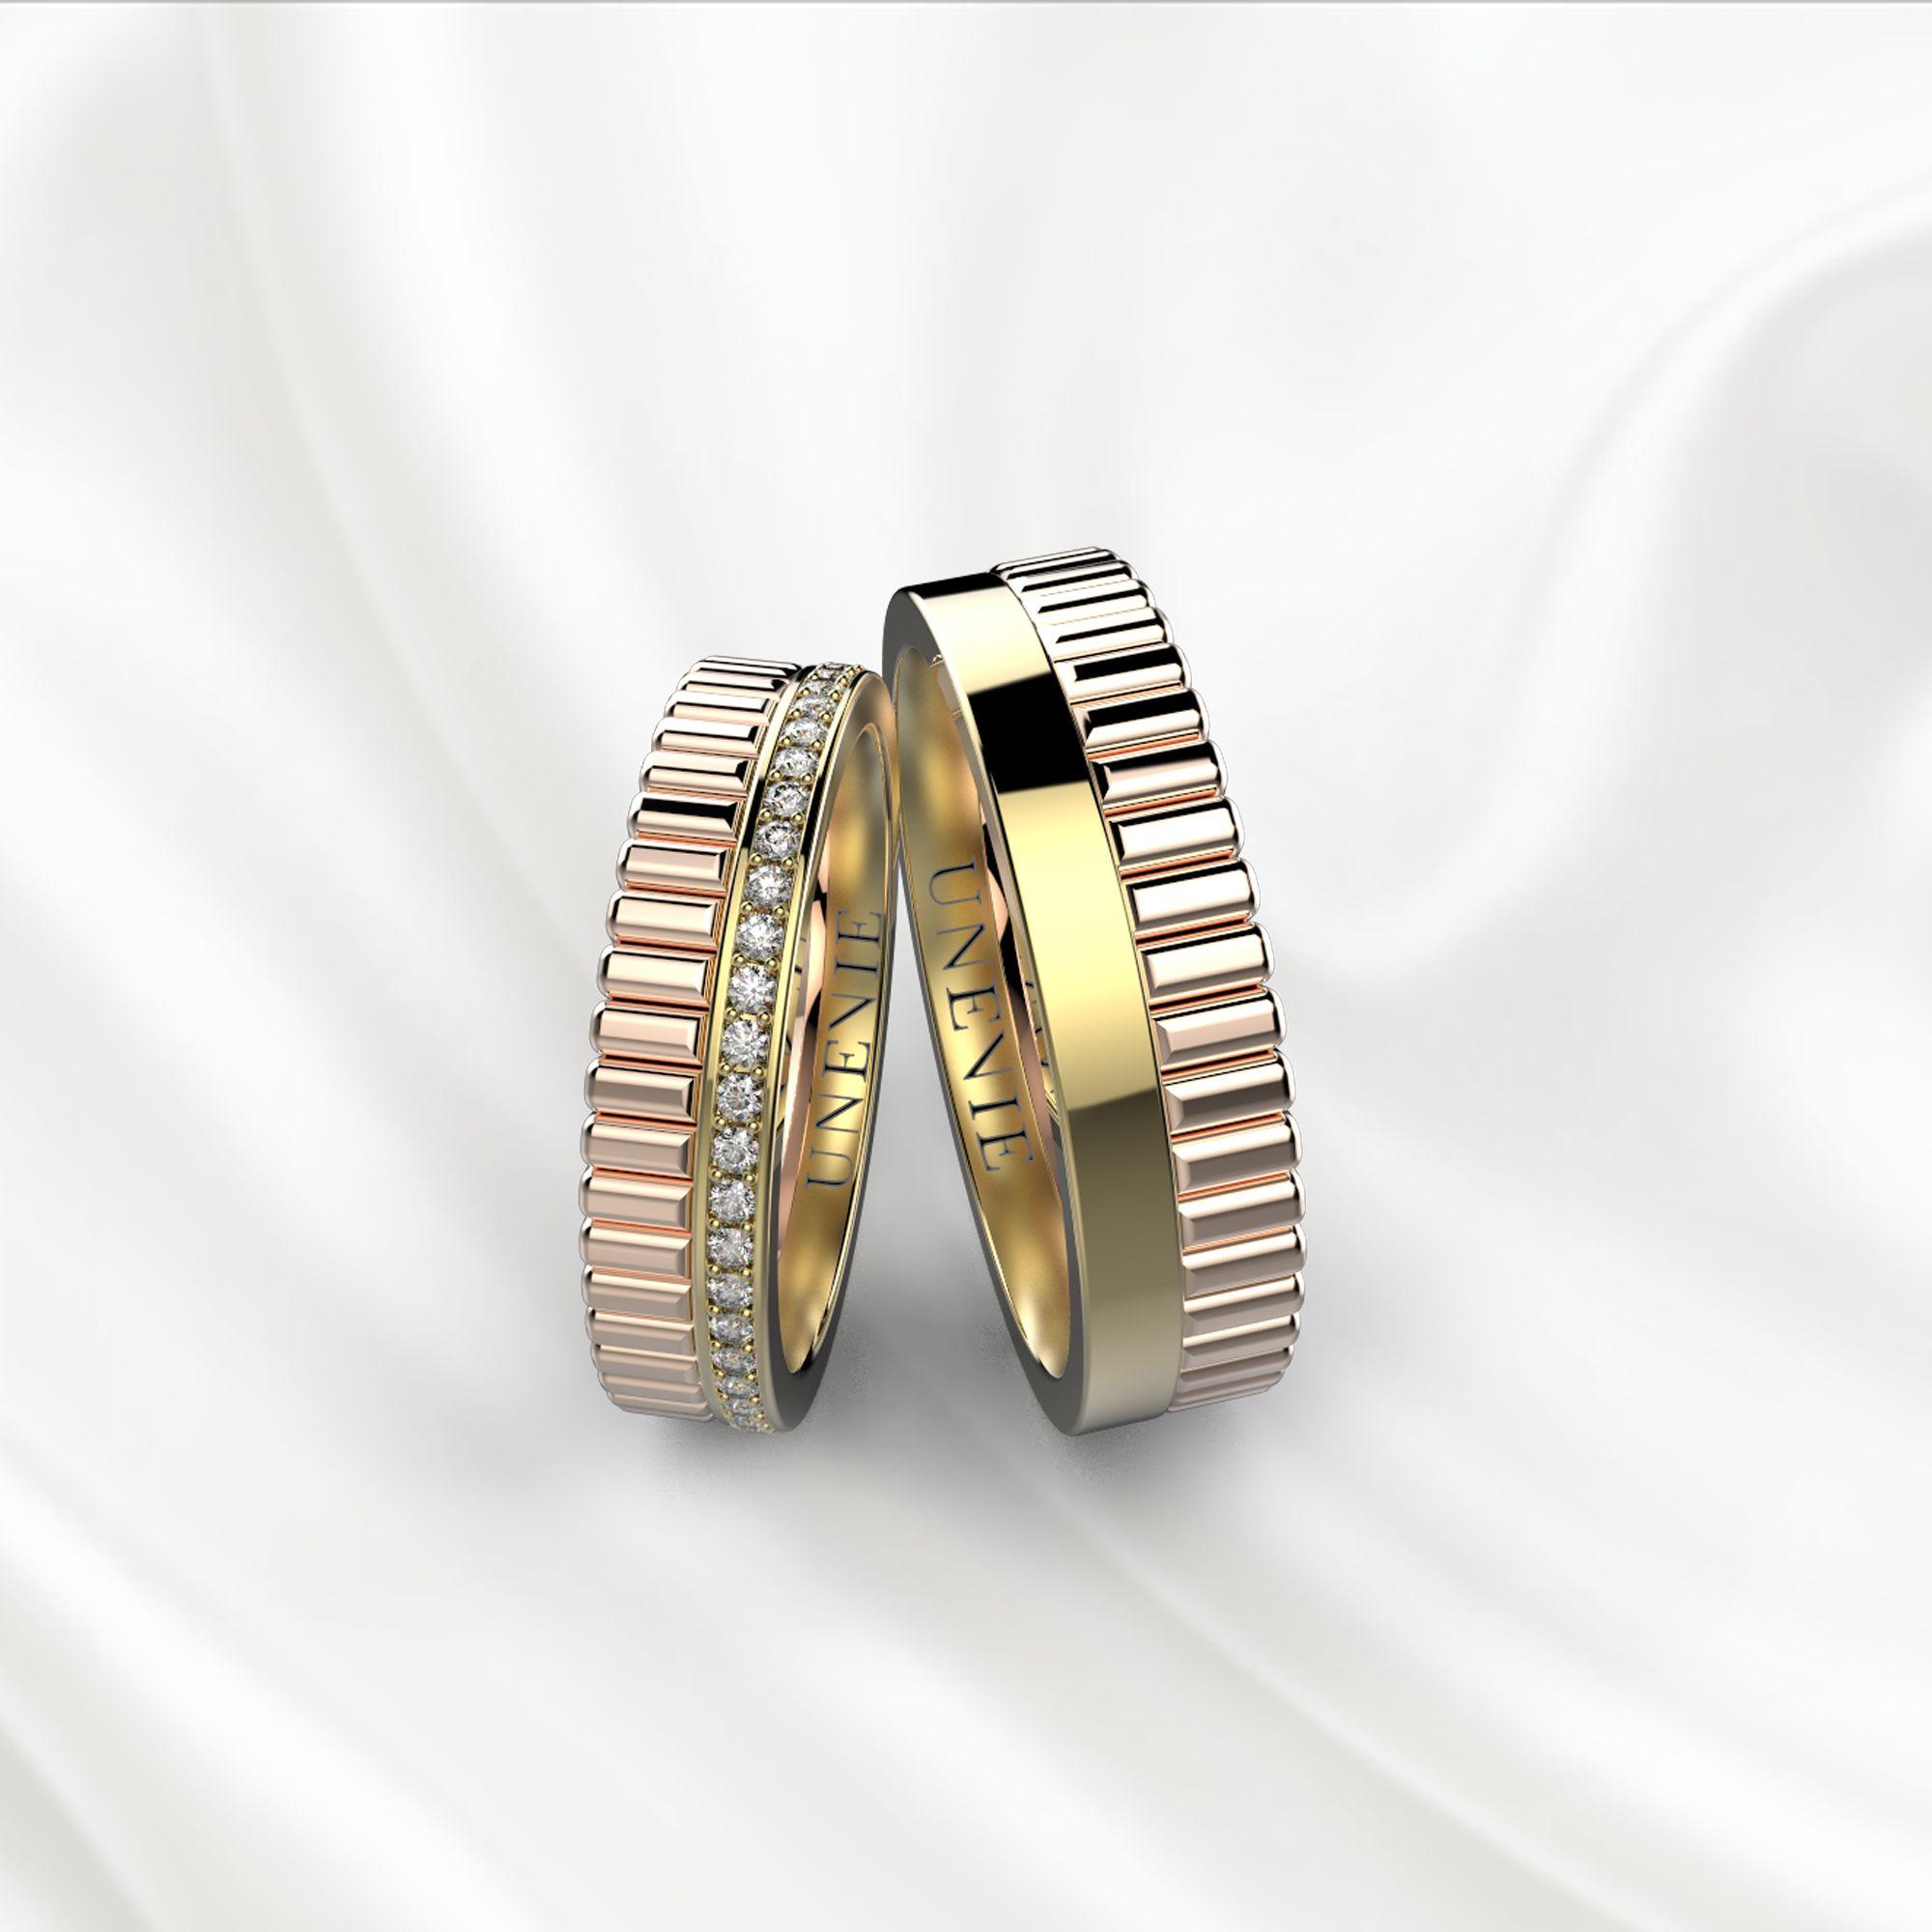 NV24 Обручальные кольца из розово-жёлтого золота с бриллиантами